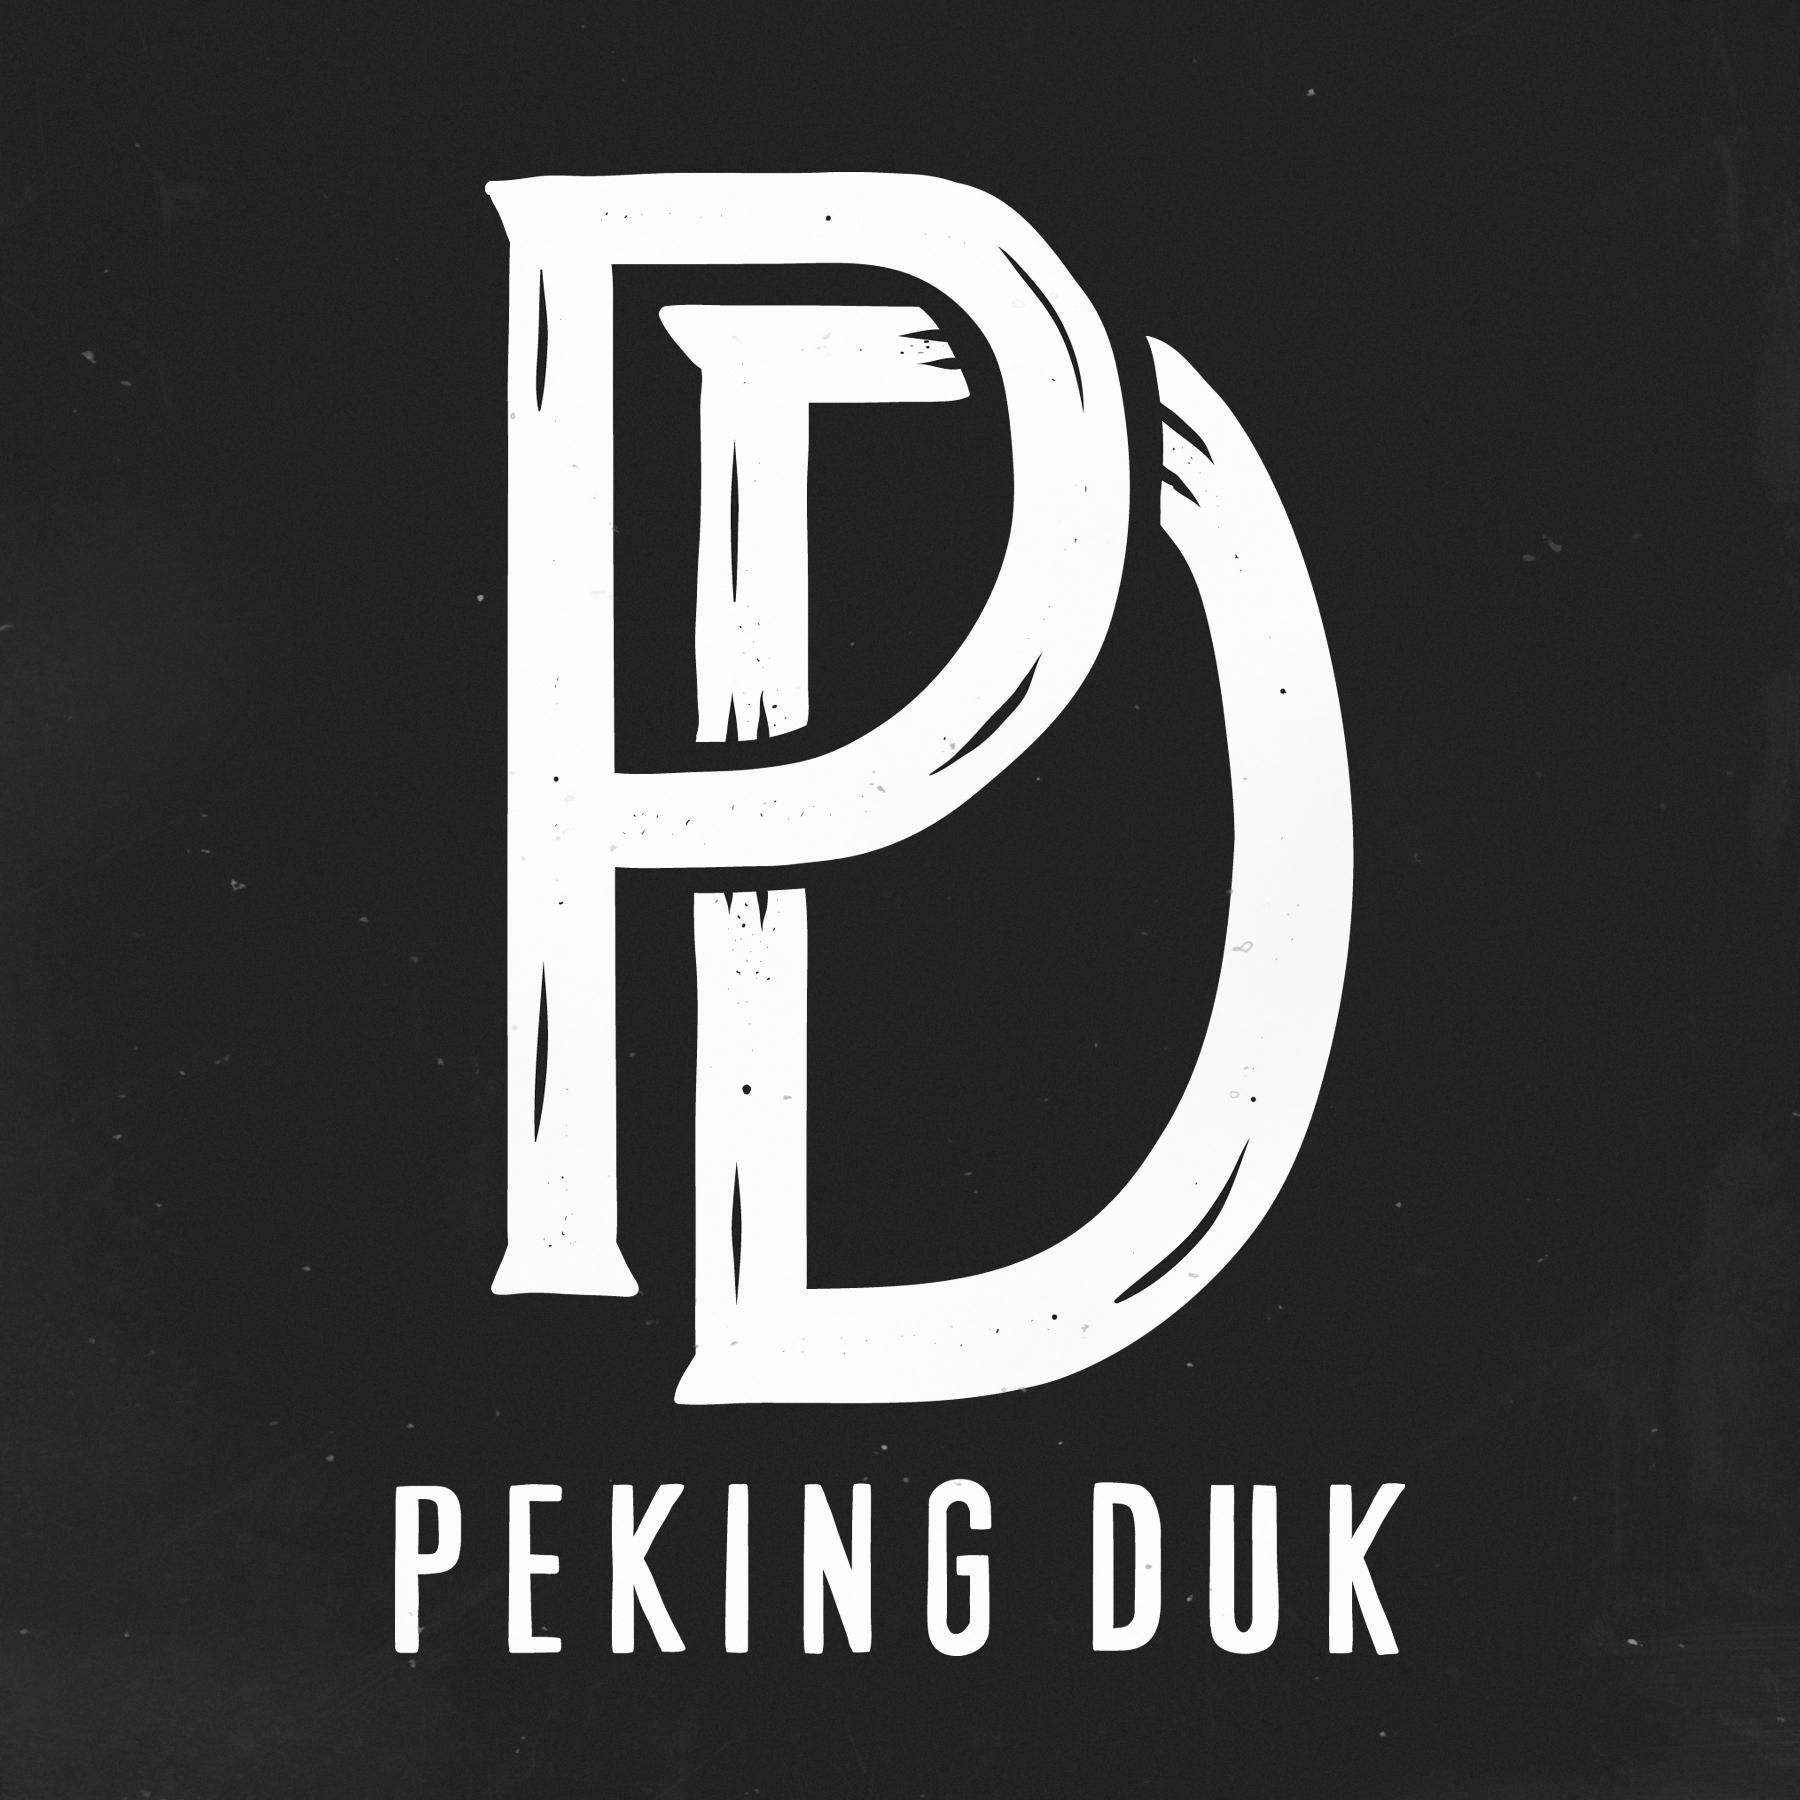 PEKING DUK [FB PD ON BLACK].jpg